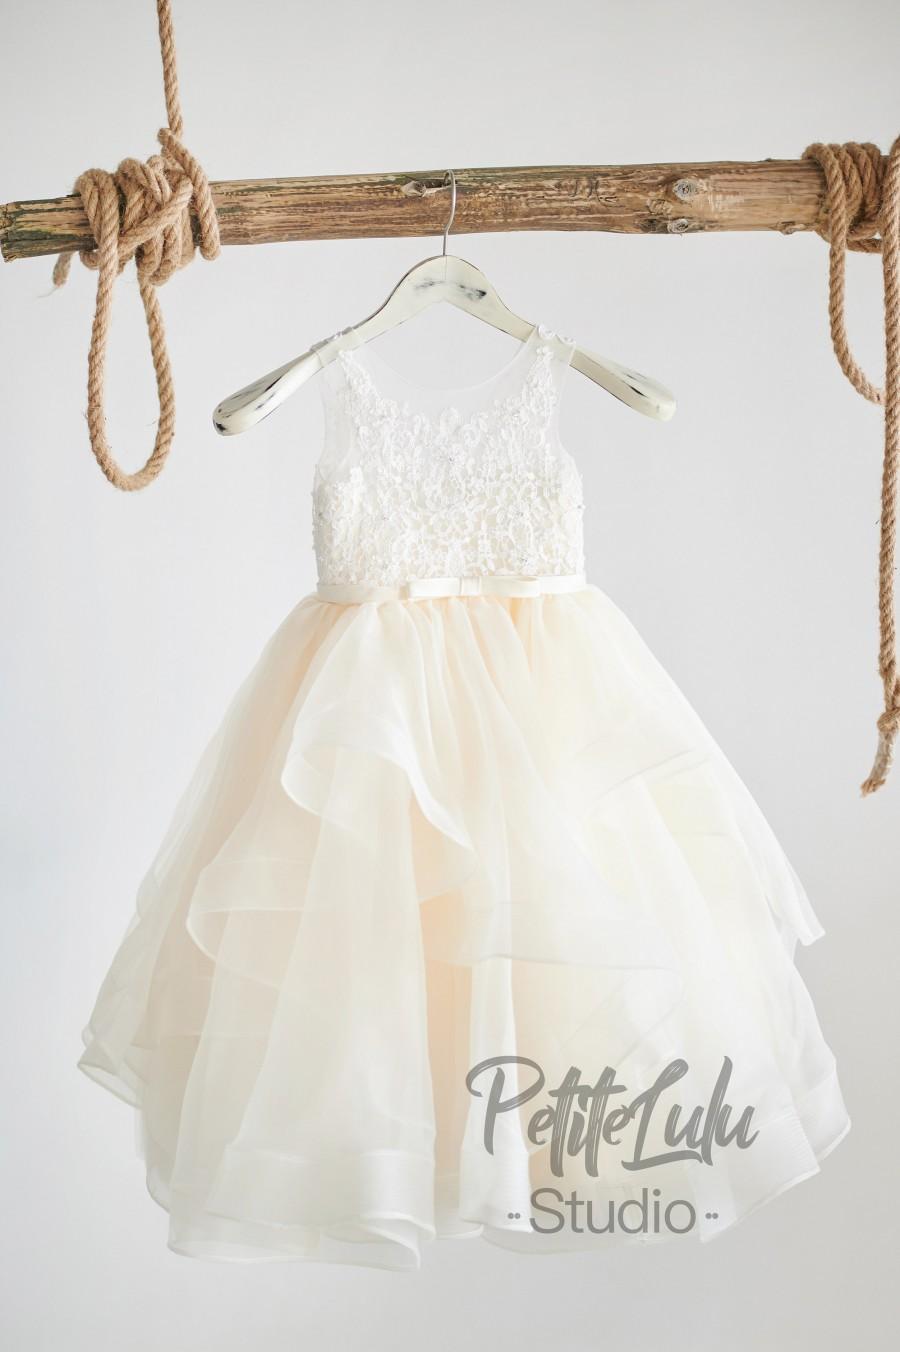 زفاف - Flower Girl Dress, Champagne, Ivory, Beaded Lace, Satin, Tulle, Organza, Princess, Girl Ball Gown Dress, (D007)